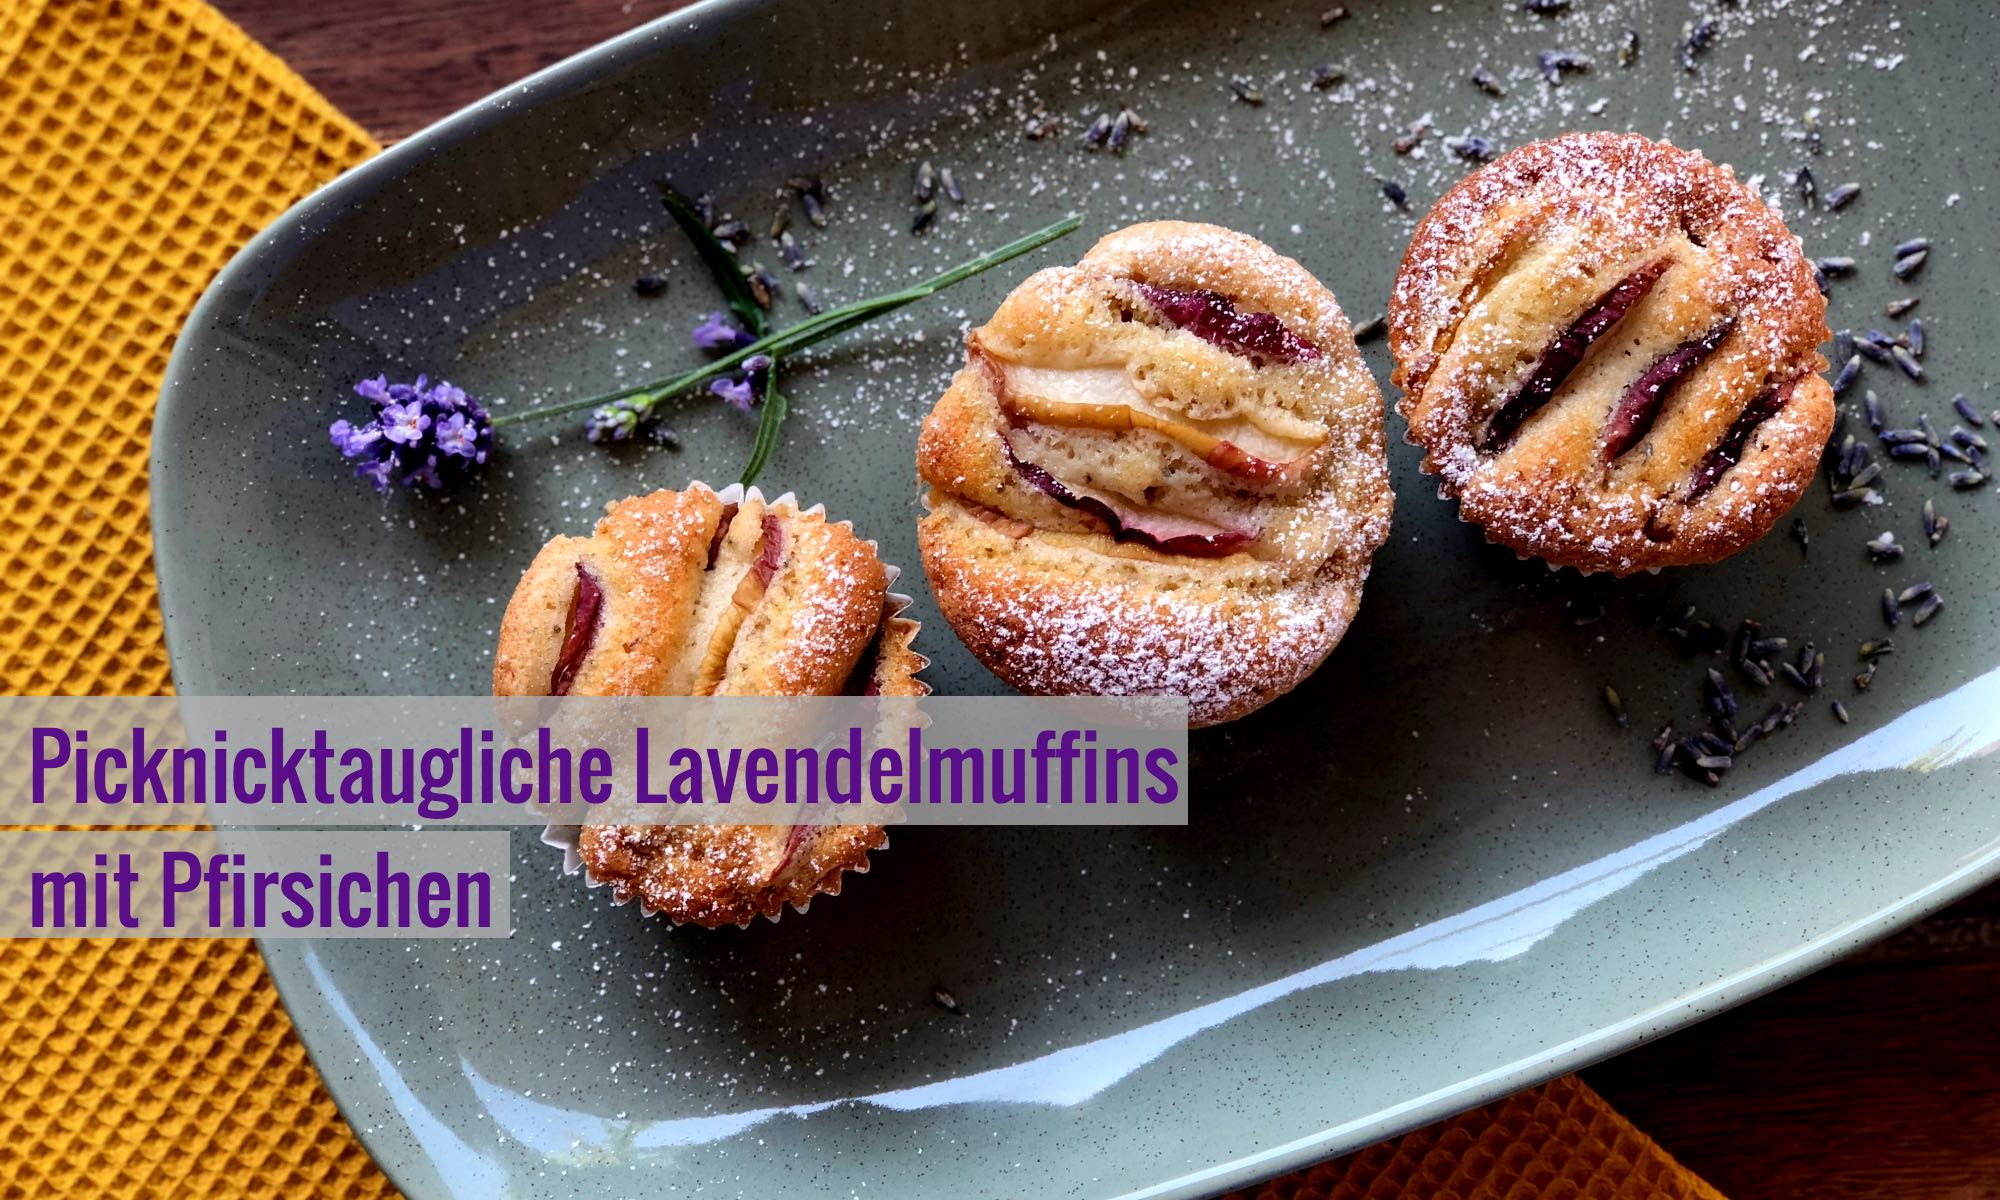 Lavendelmuffins mit Pfirsichen